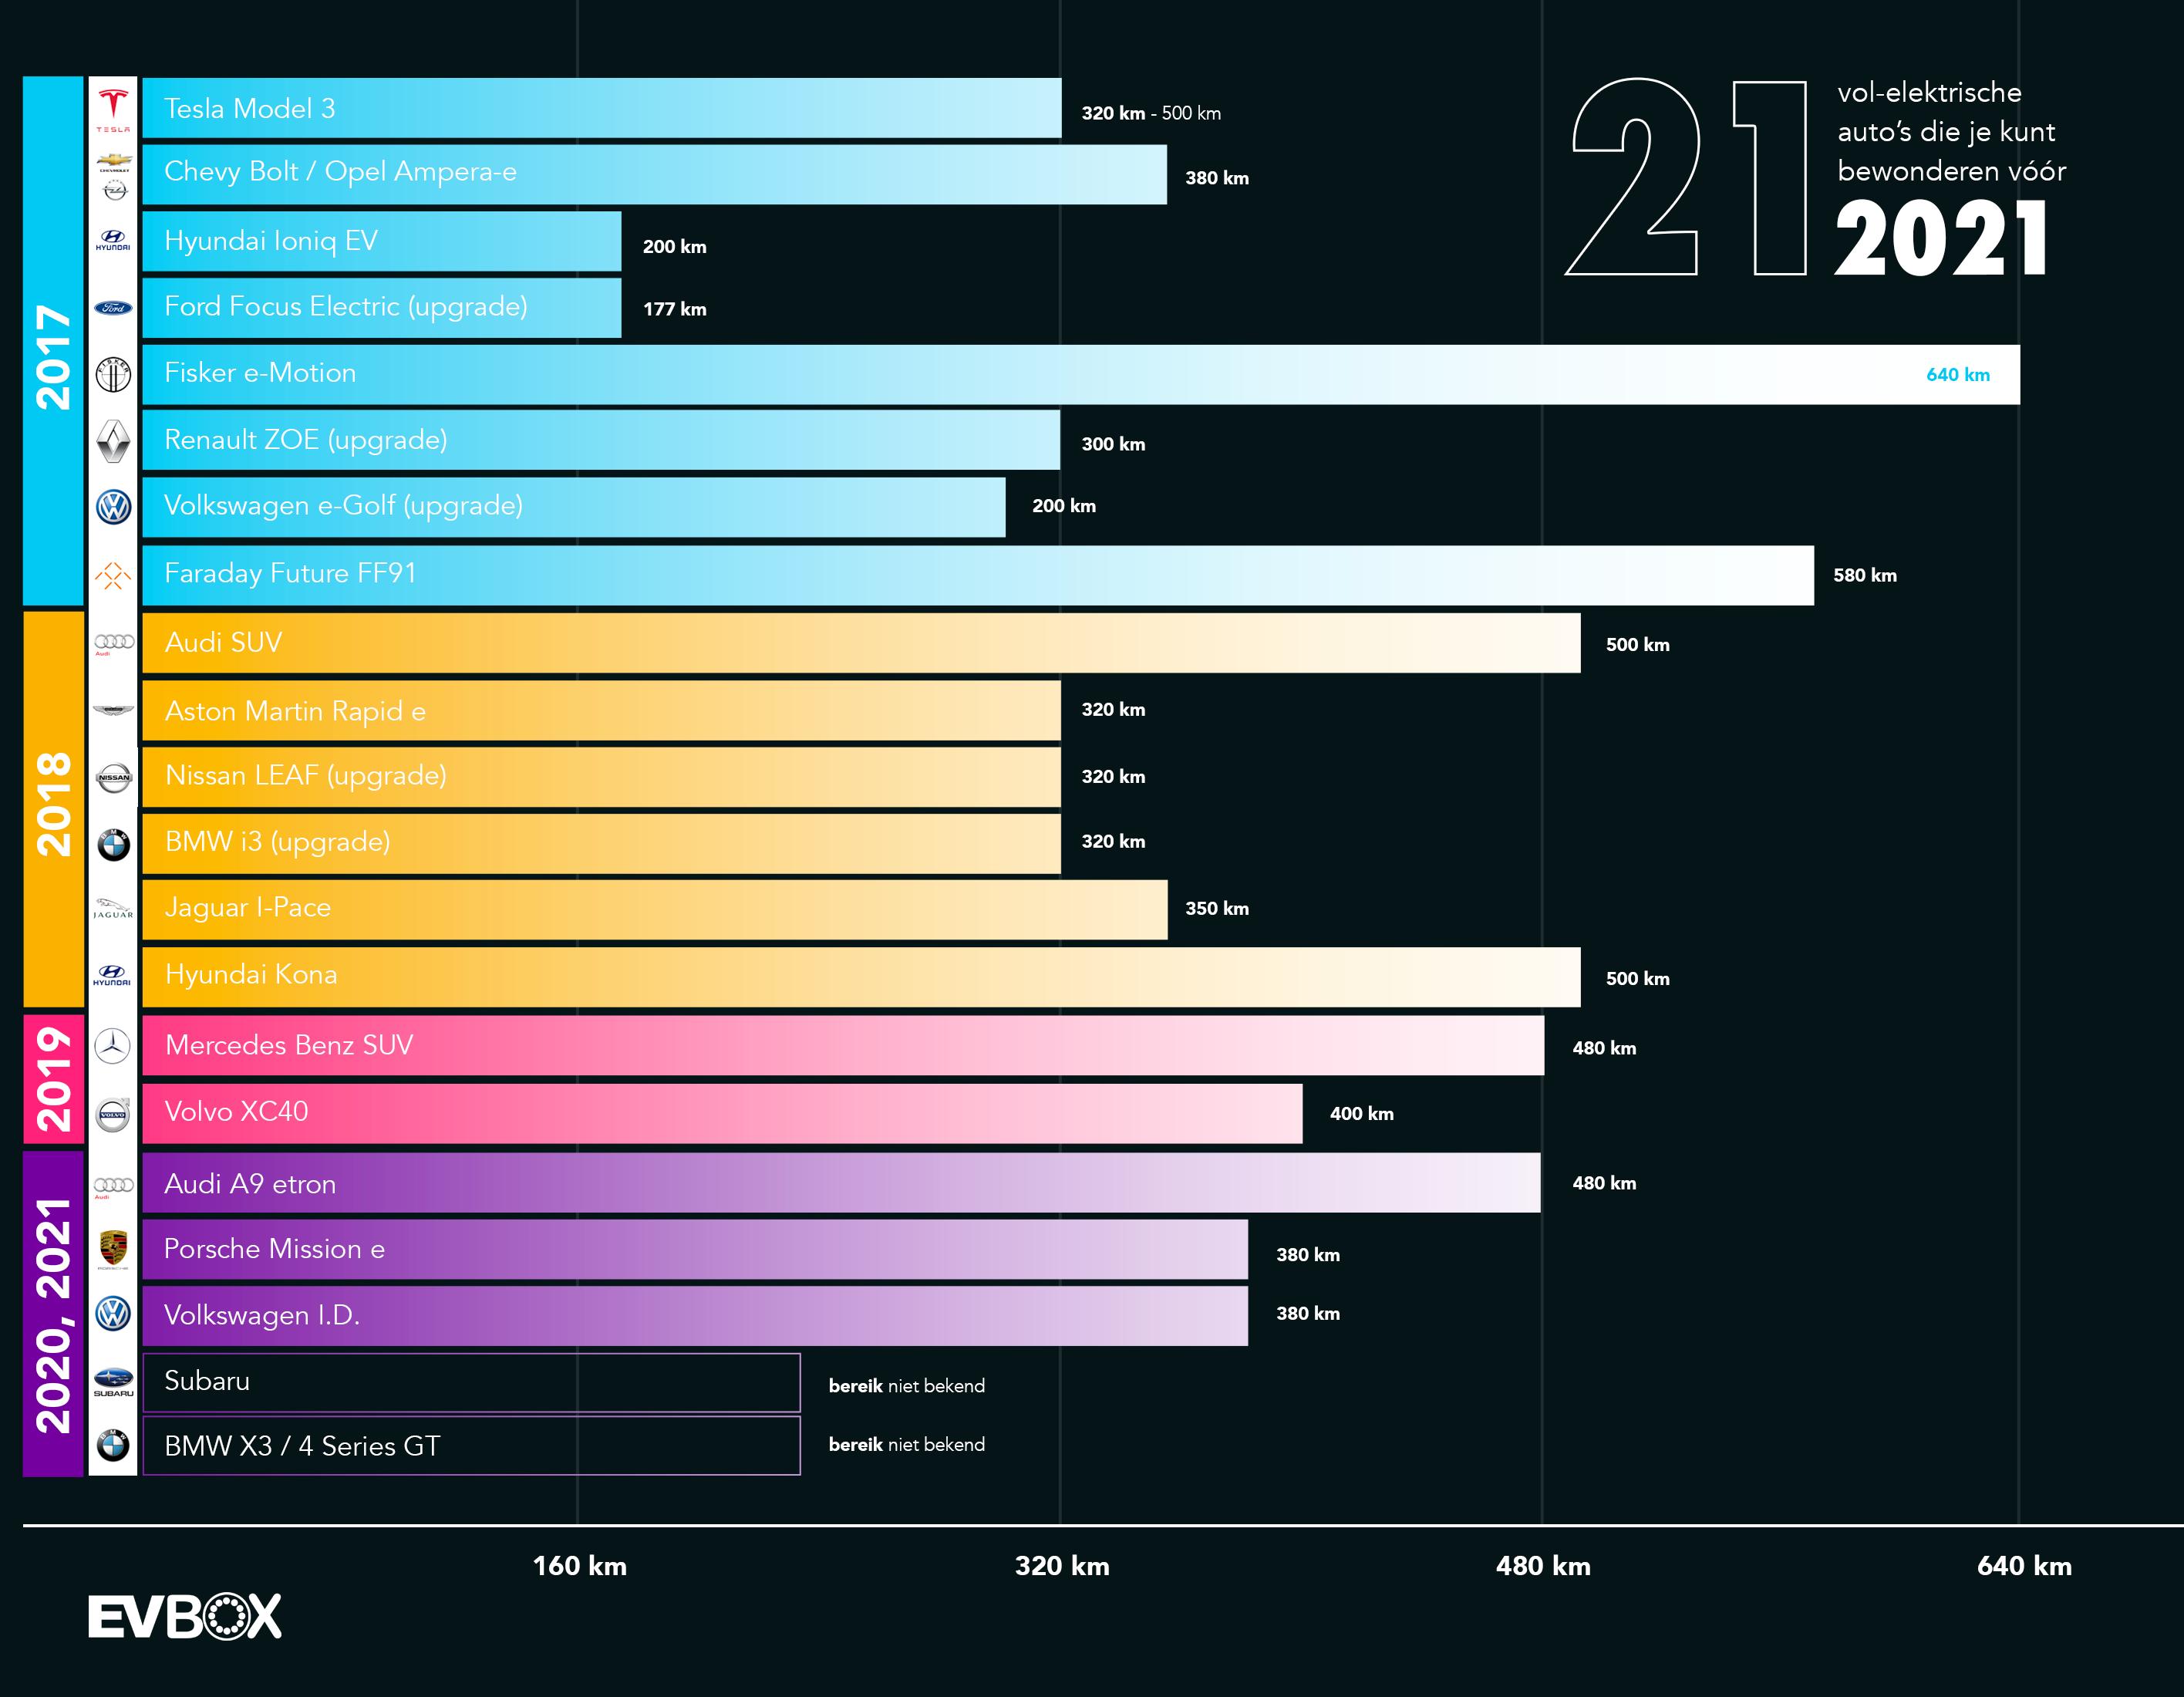 21 Vol Elektrische Auto S Die Je Kunt Bewonderen Voor 2021